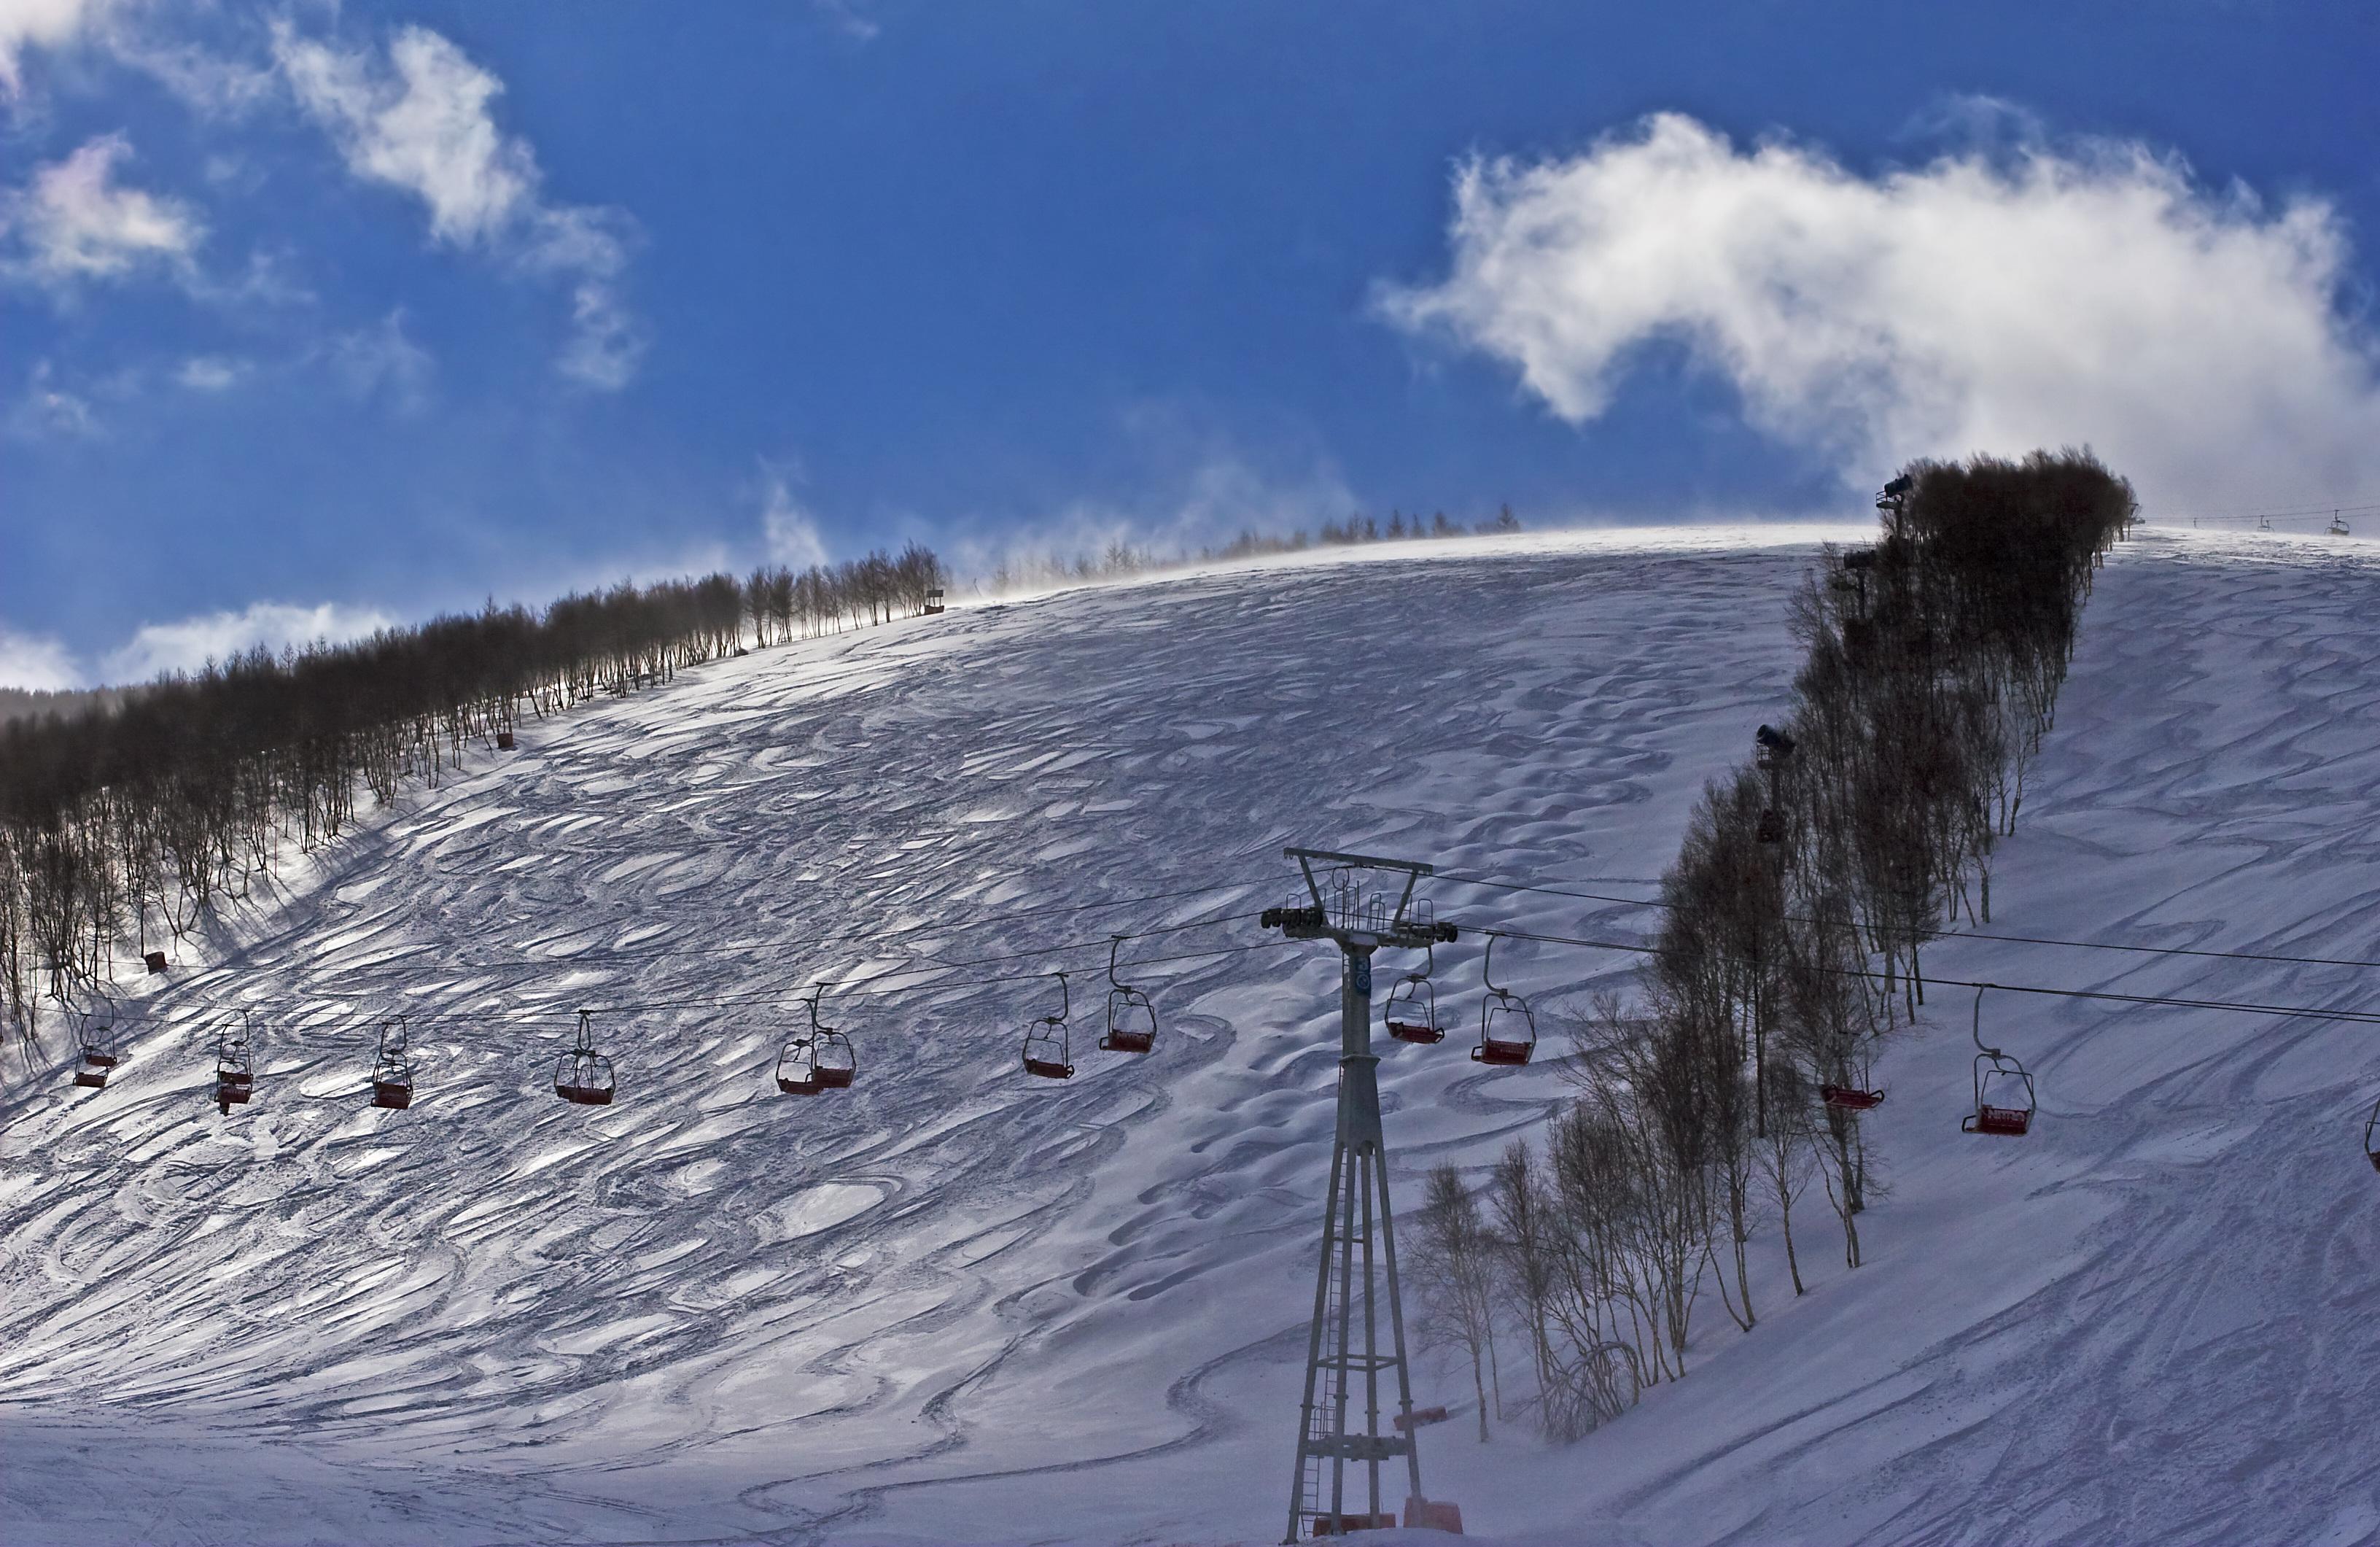 崇礼滑雪场